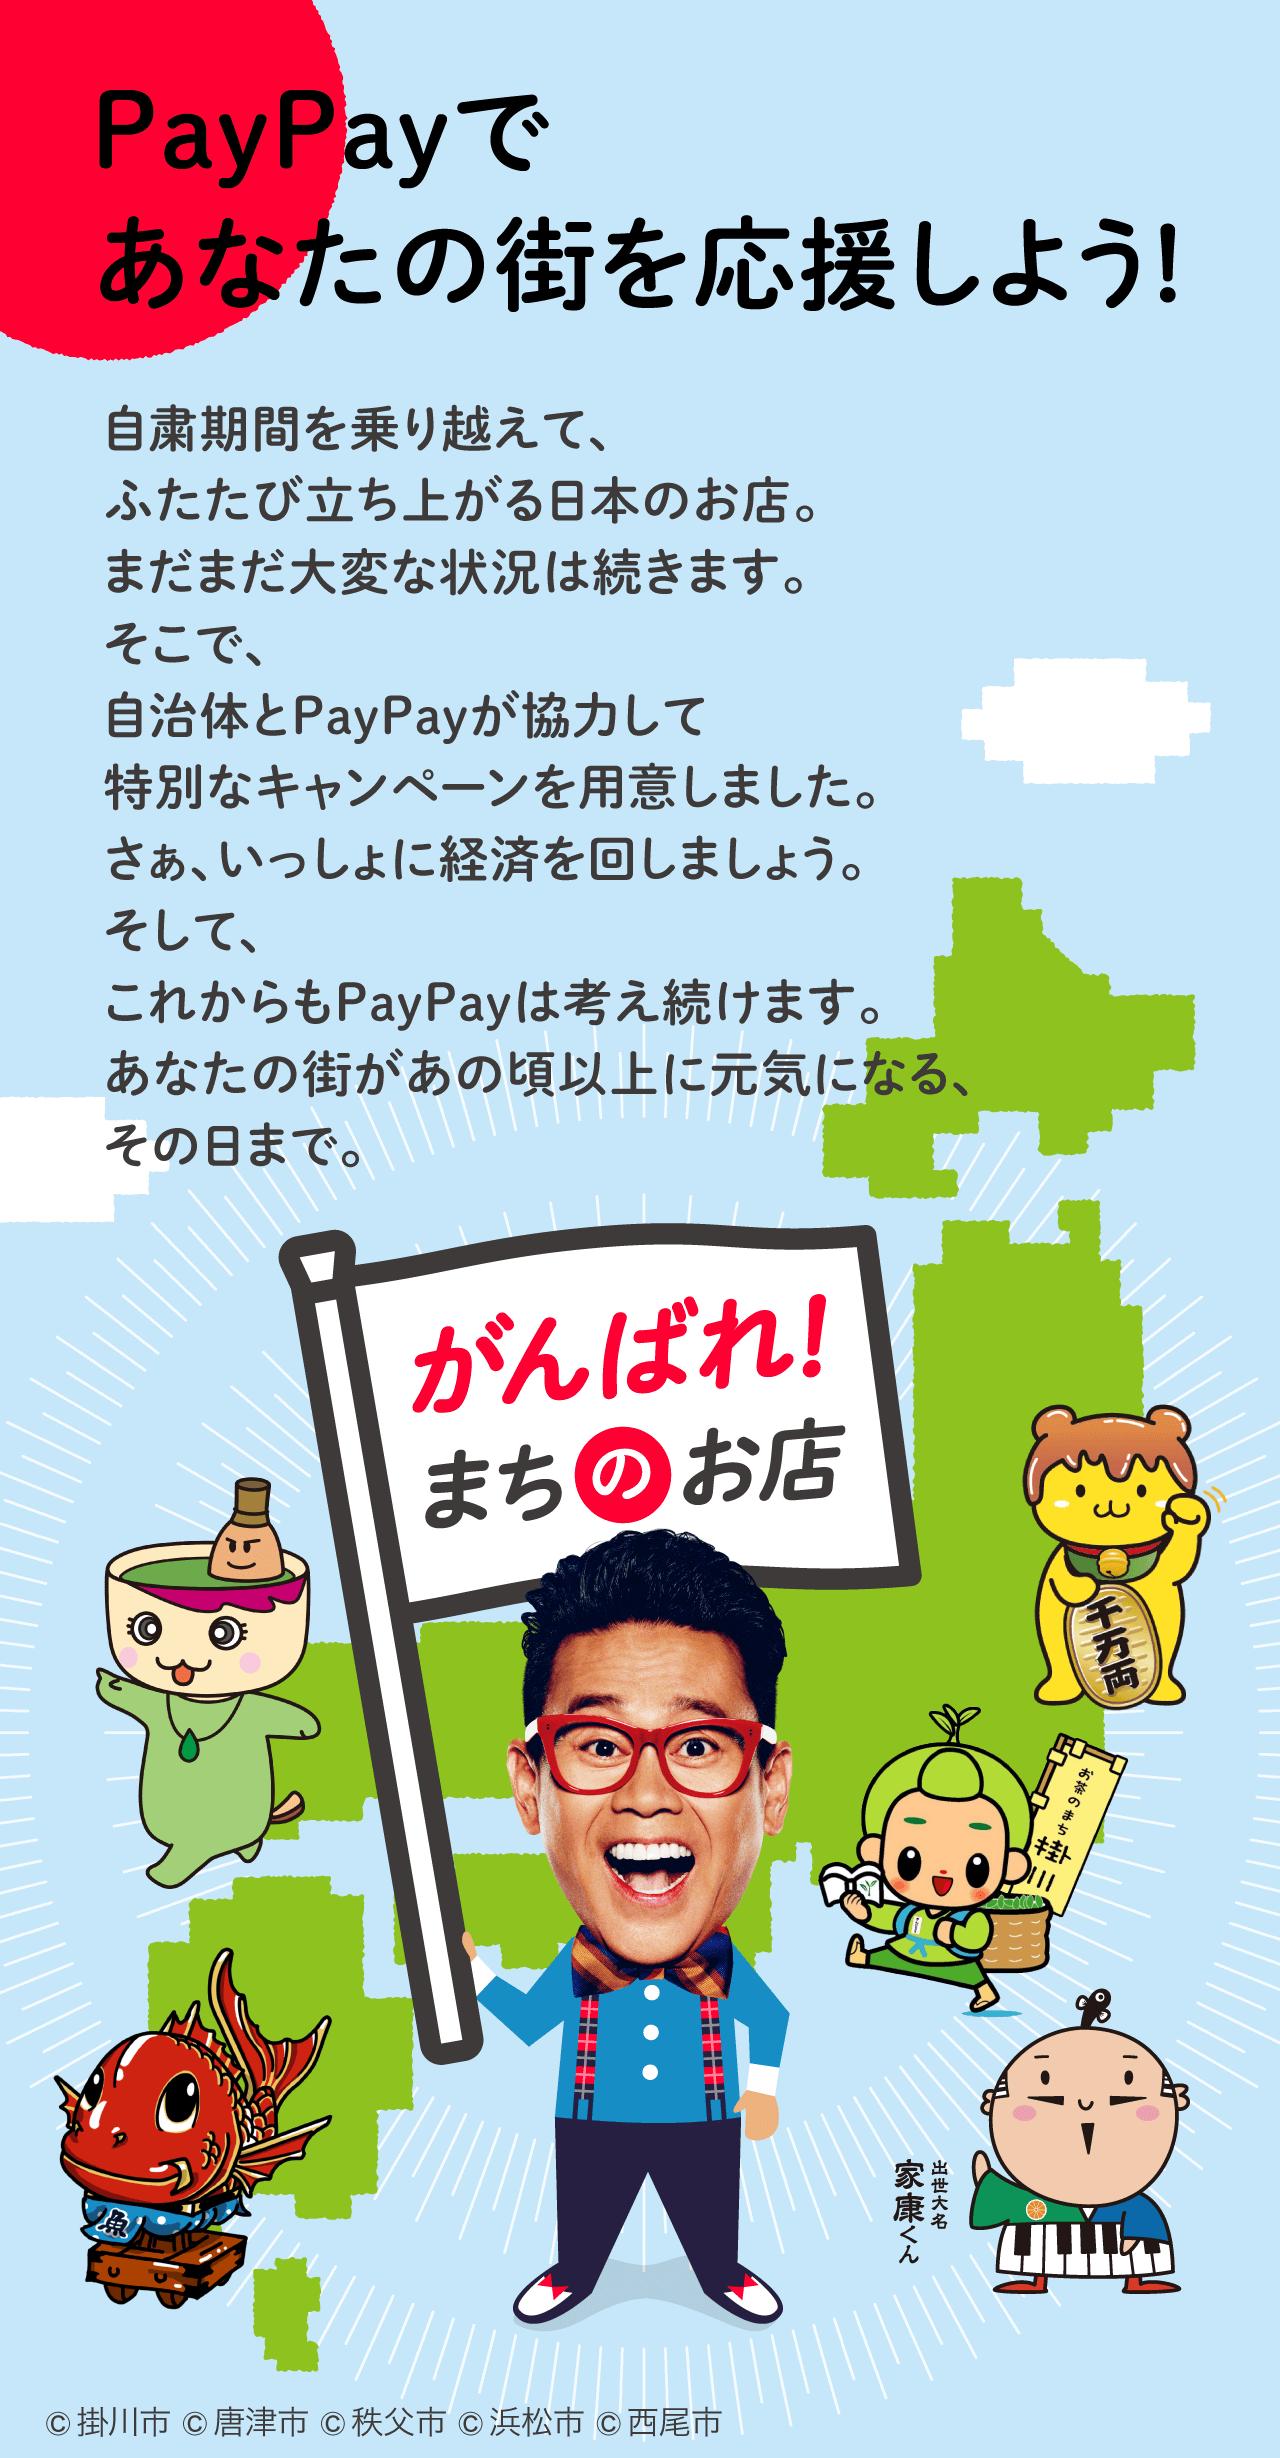 PayPayであなたの街を応援しよう!